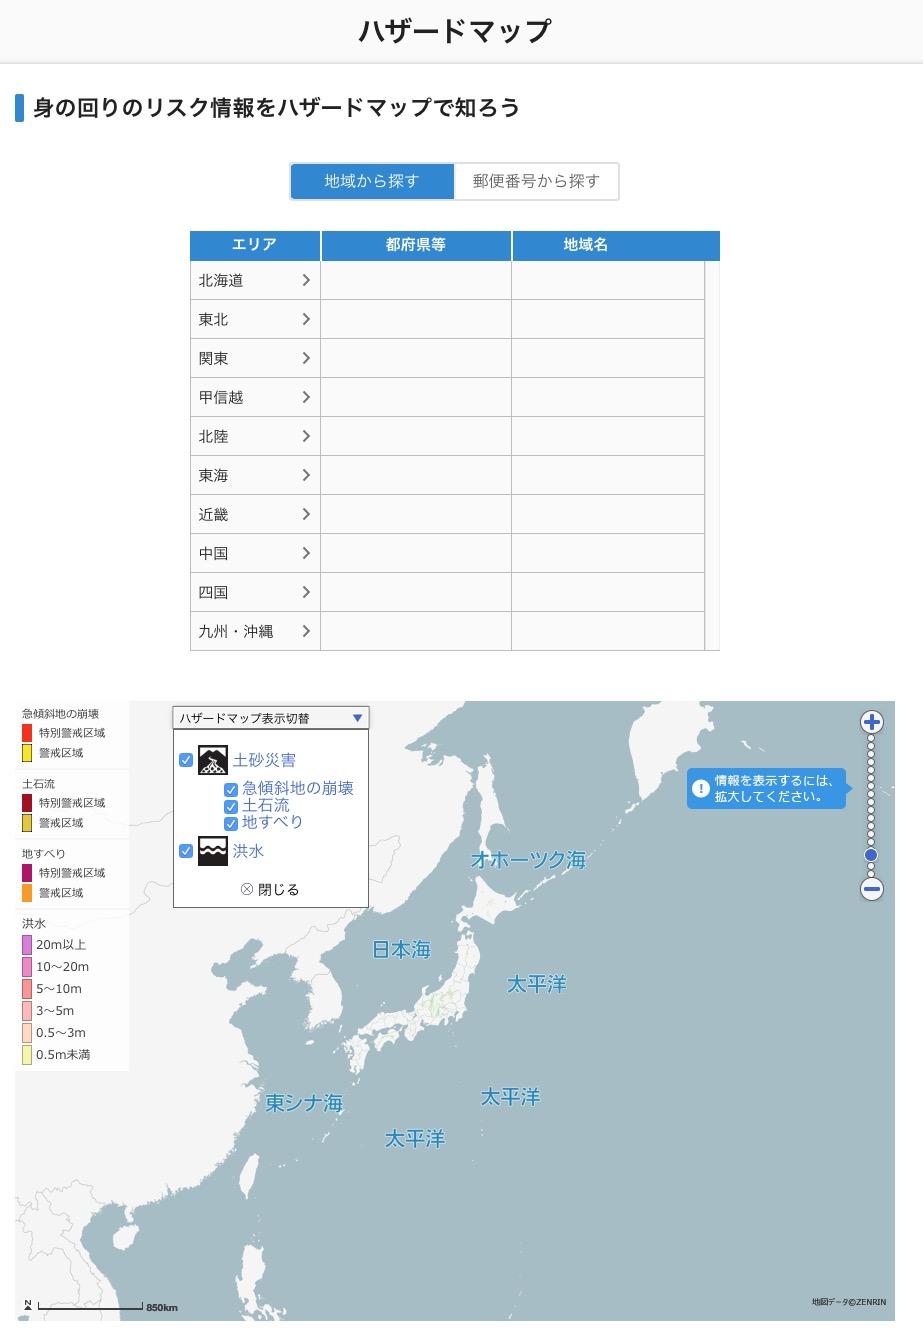 ハザードマップ NHK 1